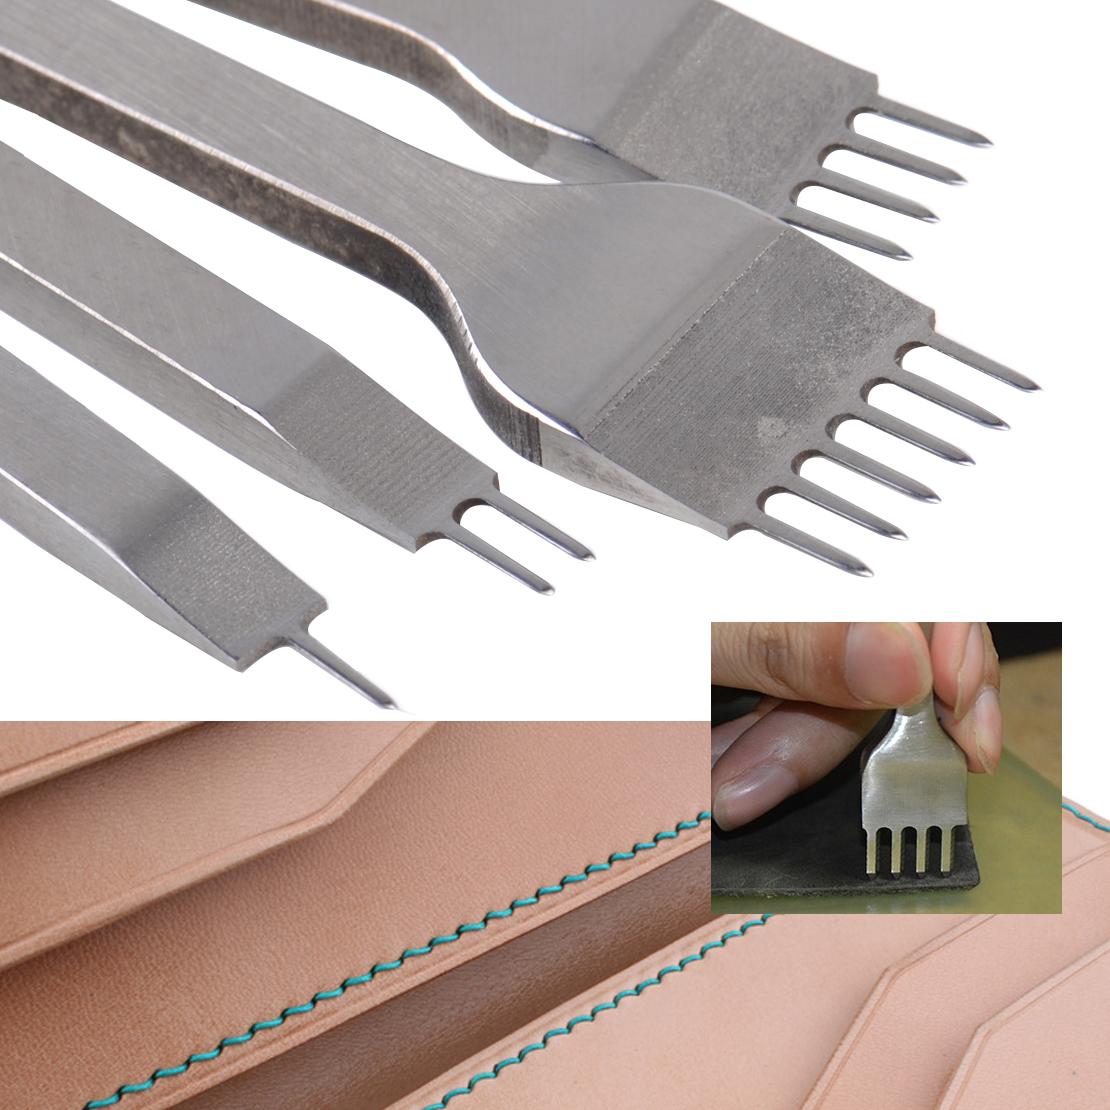 6 Prong Leder Craft Punches Schnürung Stitching Meißel Werkzeug 2 4